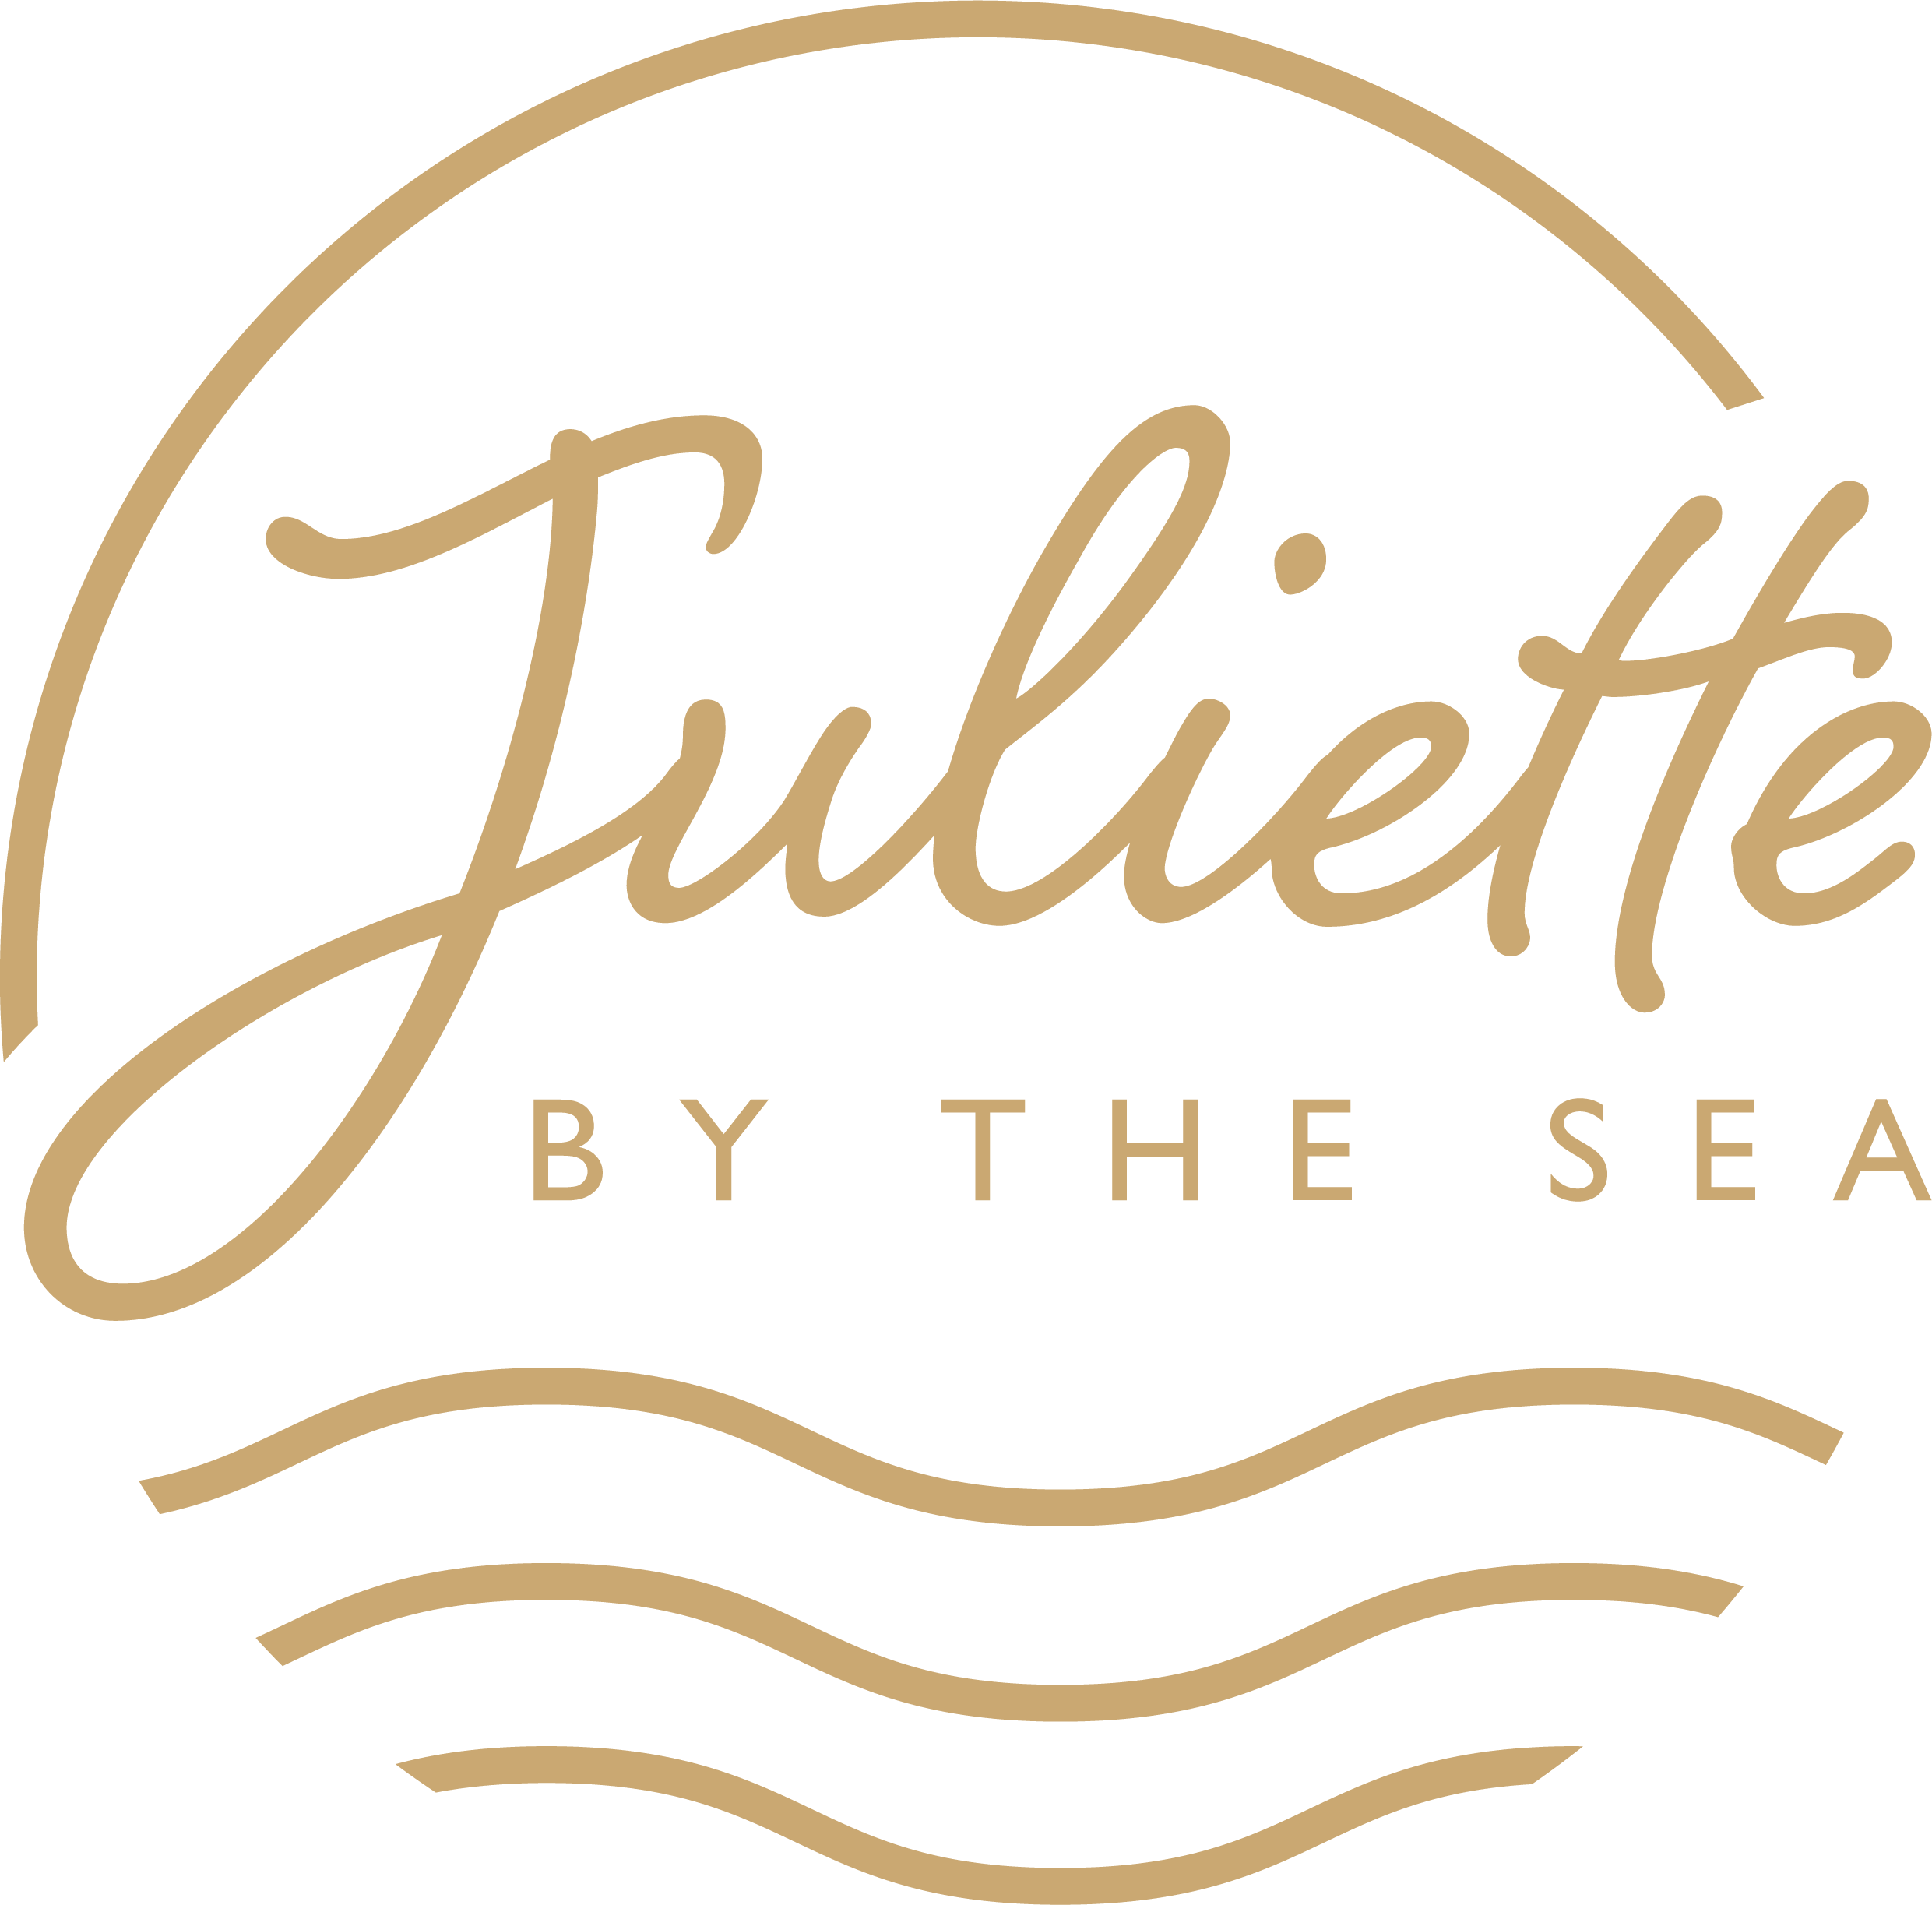 Juliette by the sea celebrant logo